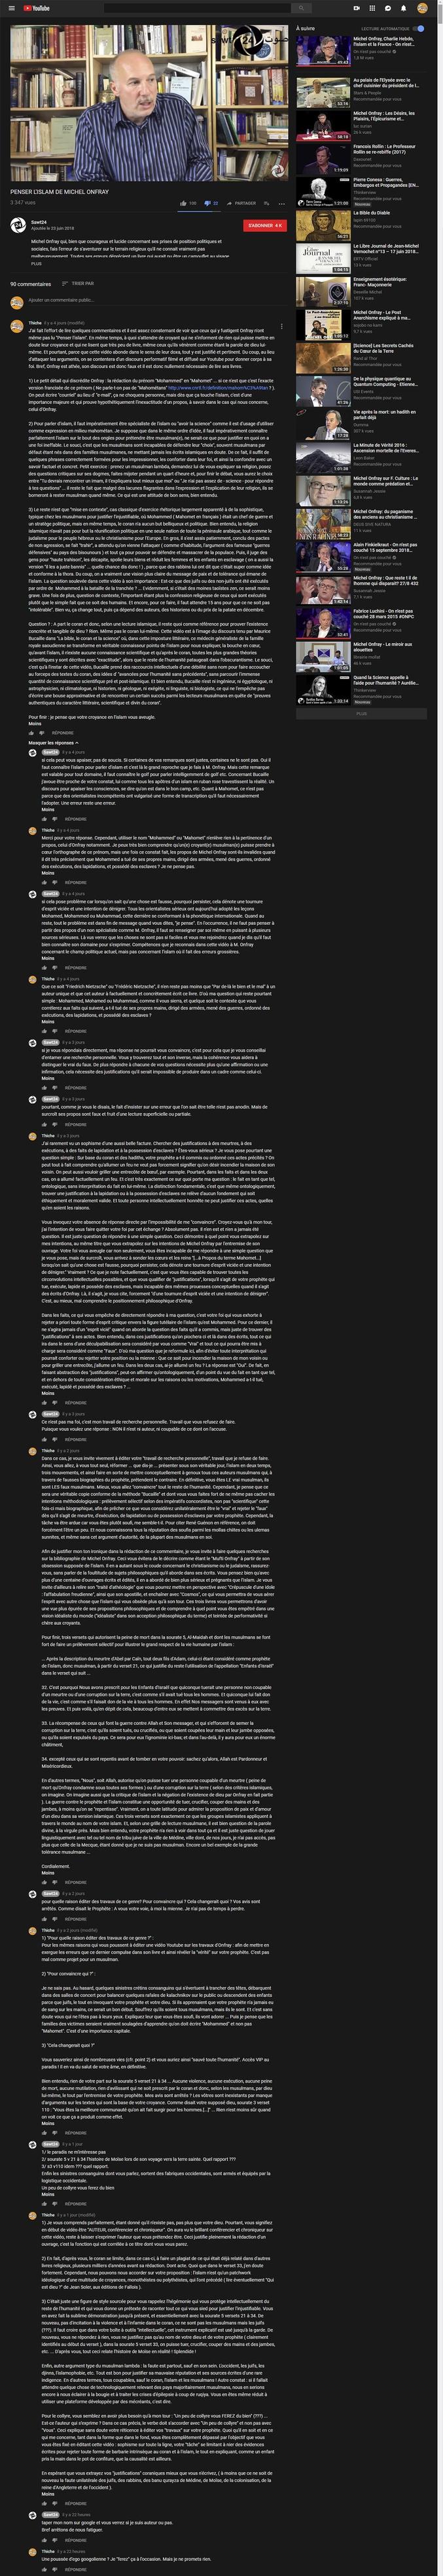 """Slimane Rezki, que je ne connaissais pas avant de consulter sa vidéo sur Youtube, il y a quelques jours, est un """"auteur, chroniqueur, conférencier"""" musulman soufi qui, apparemment, exerce son art sur France Culture. Je l'ai sympathiquement interpellé et questionné d'une part, sur le livre de Michel Onfray """"Penser l'islam"""" et sur ses croyances, sourates et versets à l'appui... Et ça a donné ça... Bon, je vous l'accorde, c'est un peu long mais je n'ai pu m'empêcher d'être précis dans mes assertions. Pour ma part, c'était juste épique ! J'y ai appris qu'en réalité ce qui est écrit dans le coran n'y est pas écrit... NON ! D'après M. Rezki, l'islam n'invite pas aux exécutions, à la lapidation, à la possession d'esclaves ou à la mutilation... et le prophète n'a jamais rien fait de tout ça. Grandiose ! La vidéo ici : https://www.youtube.com/watch?v=rA8dZxOJXbM&lc=z23xz33juwjsufgwo04t1aokgulmi2l1luvn4vkajh3jrk0h00410.1537123051769212"""